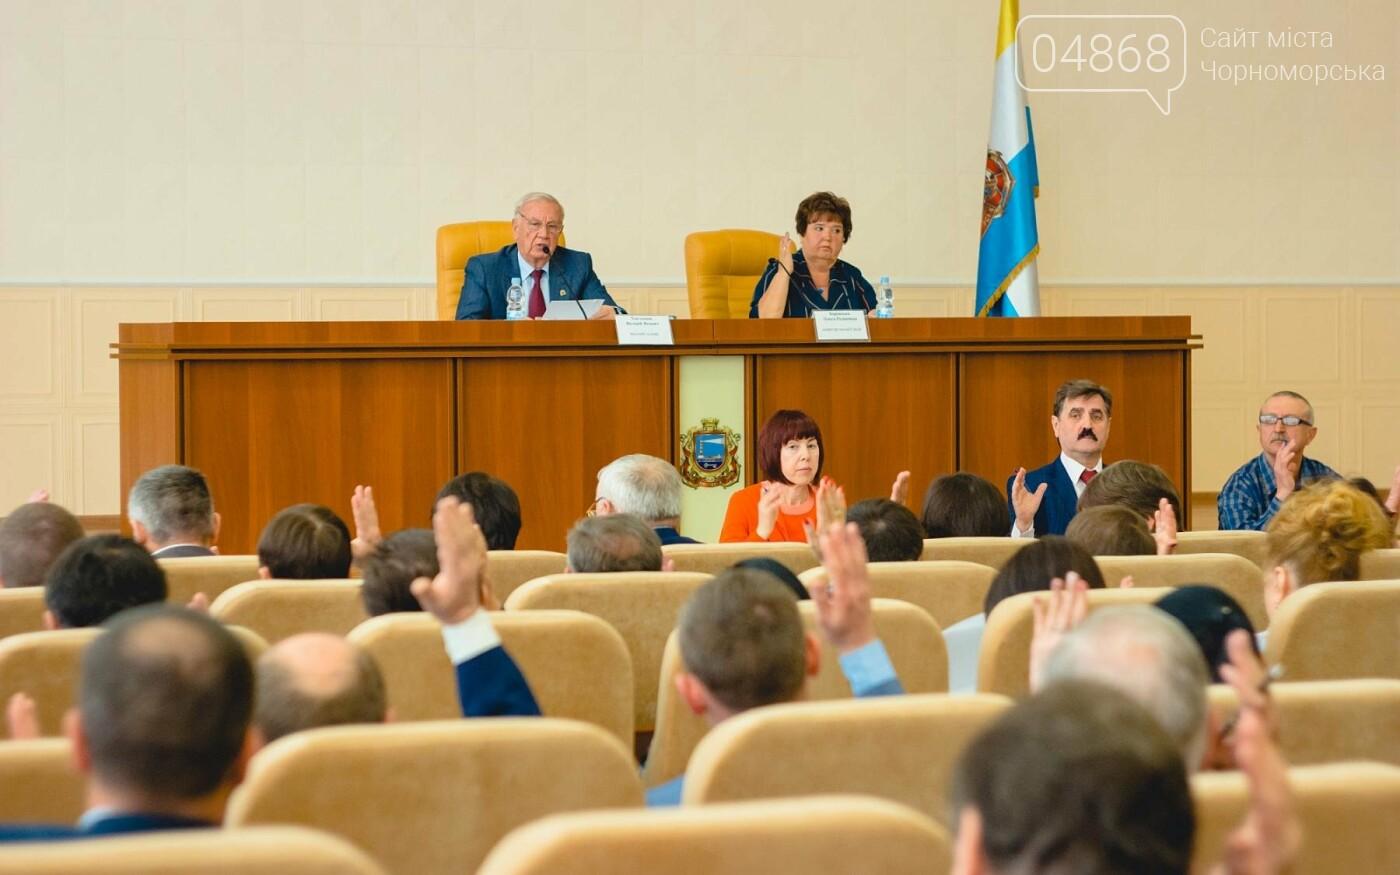 Решения по развитию Черноморска приняты на сессии городского совета, фото-6